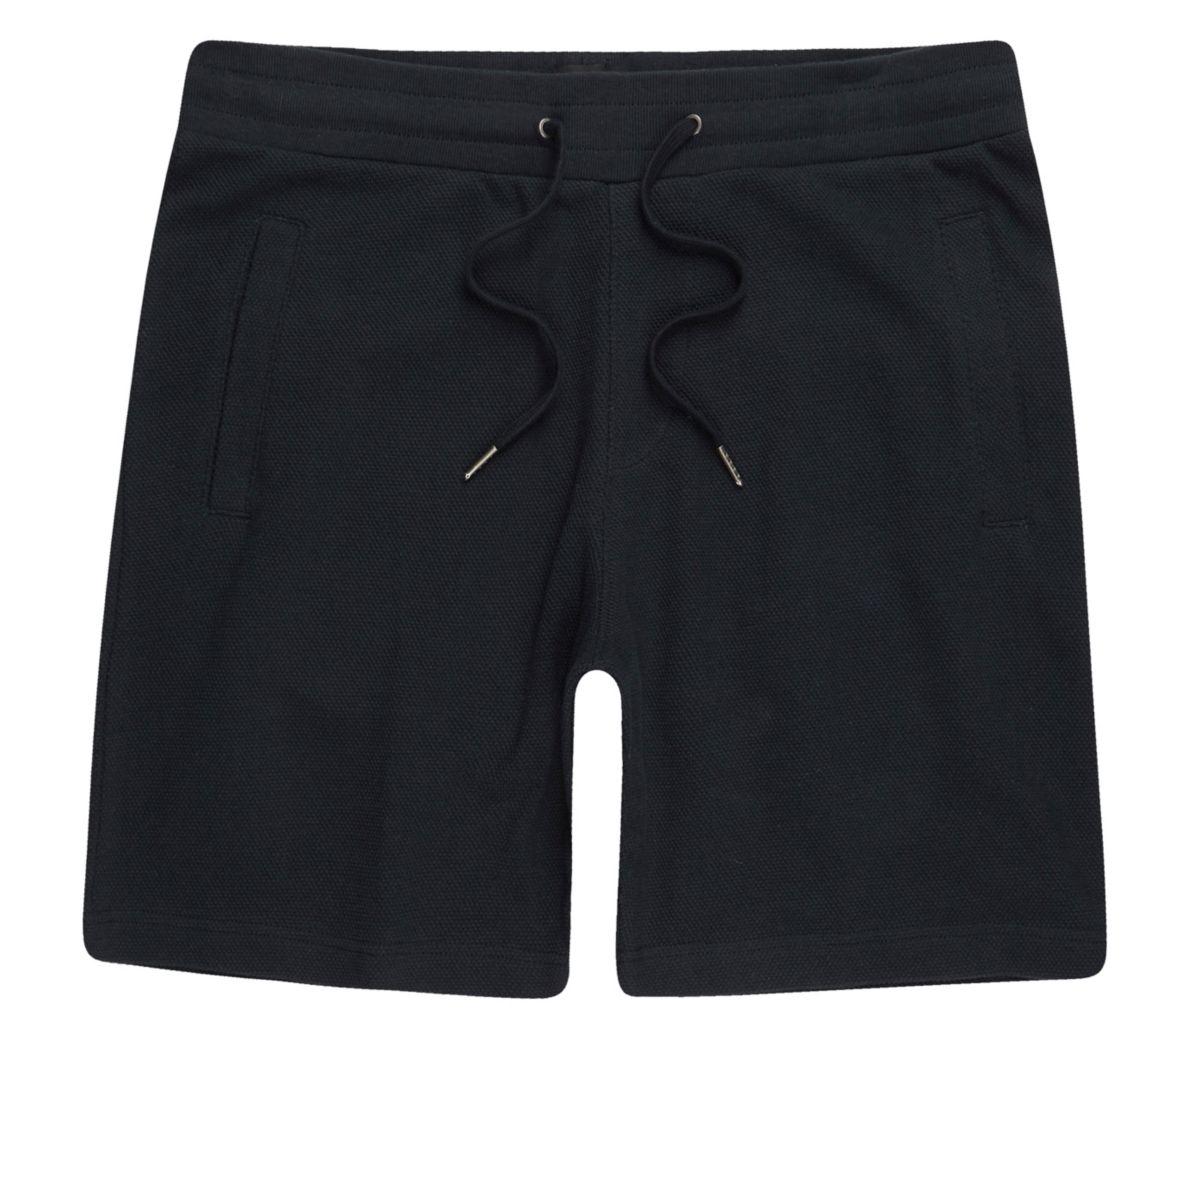 Navy pique shorts